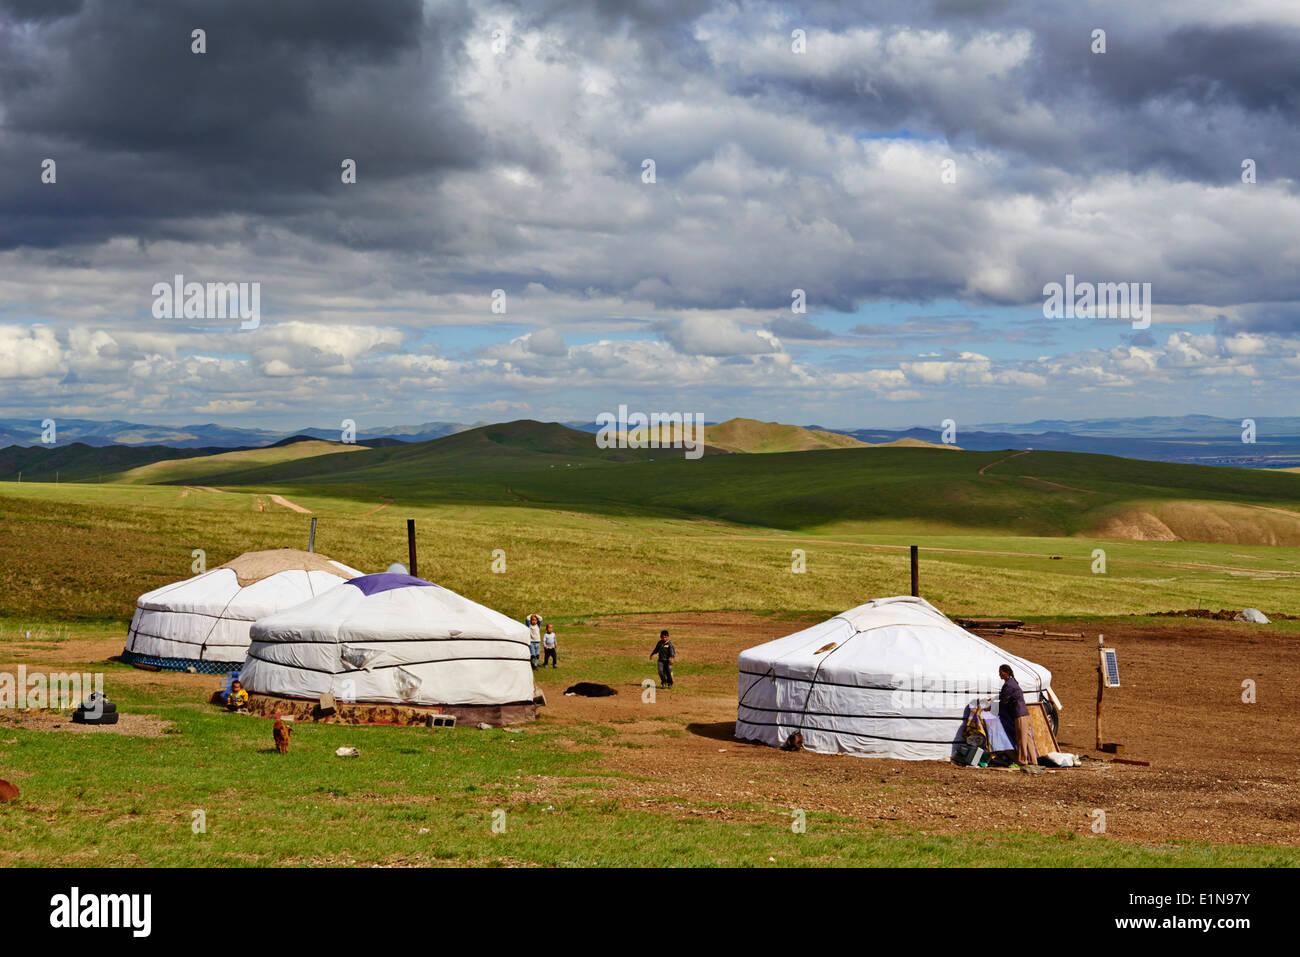 Mongolia, Tov provincia, campo nomadi Immagini Stock